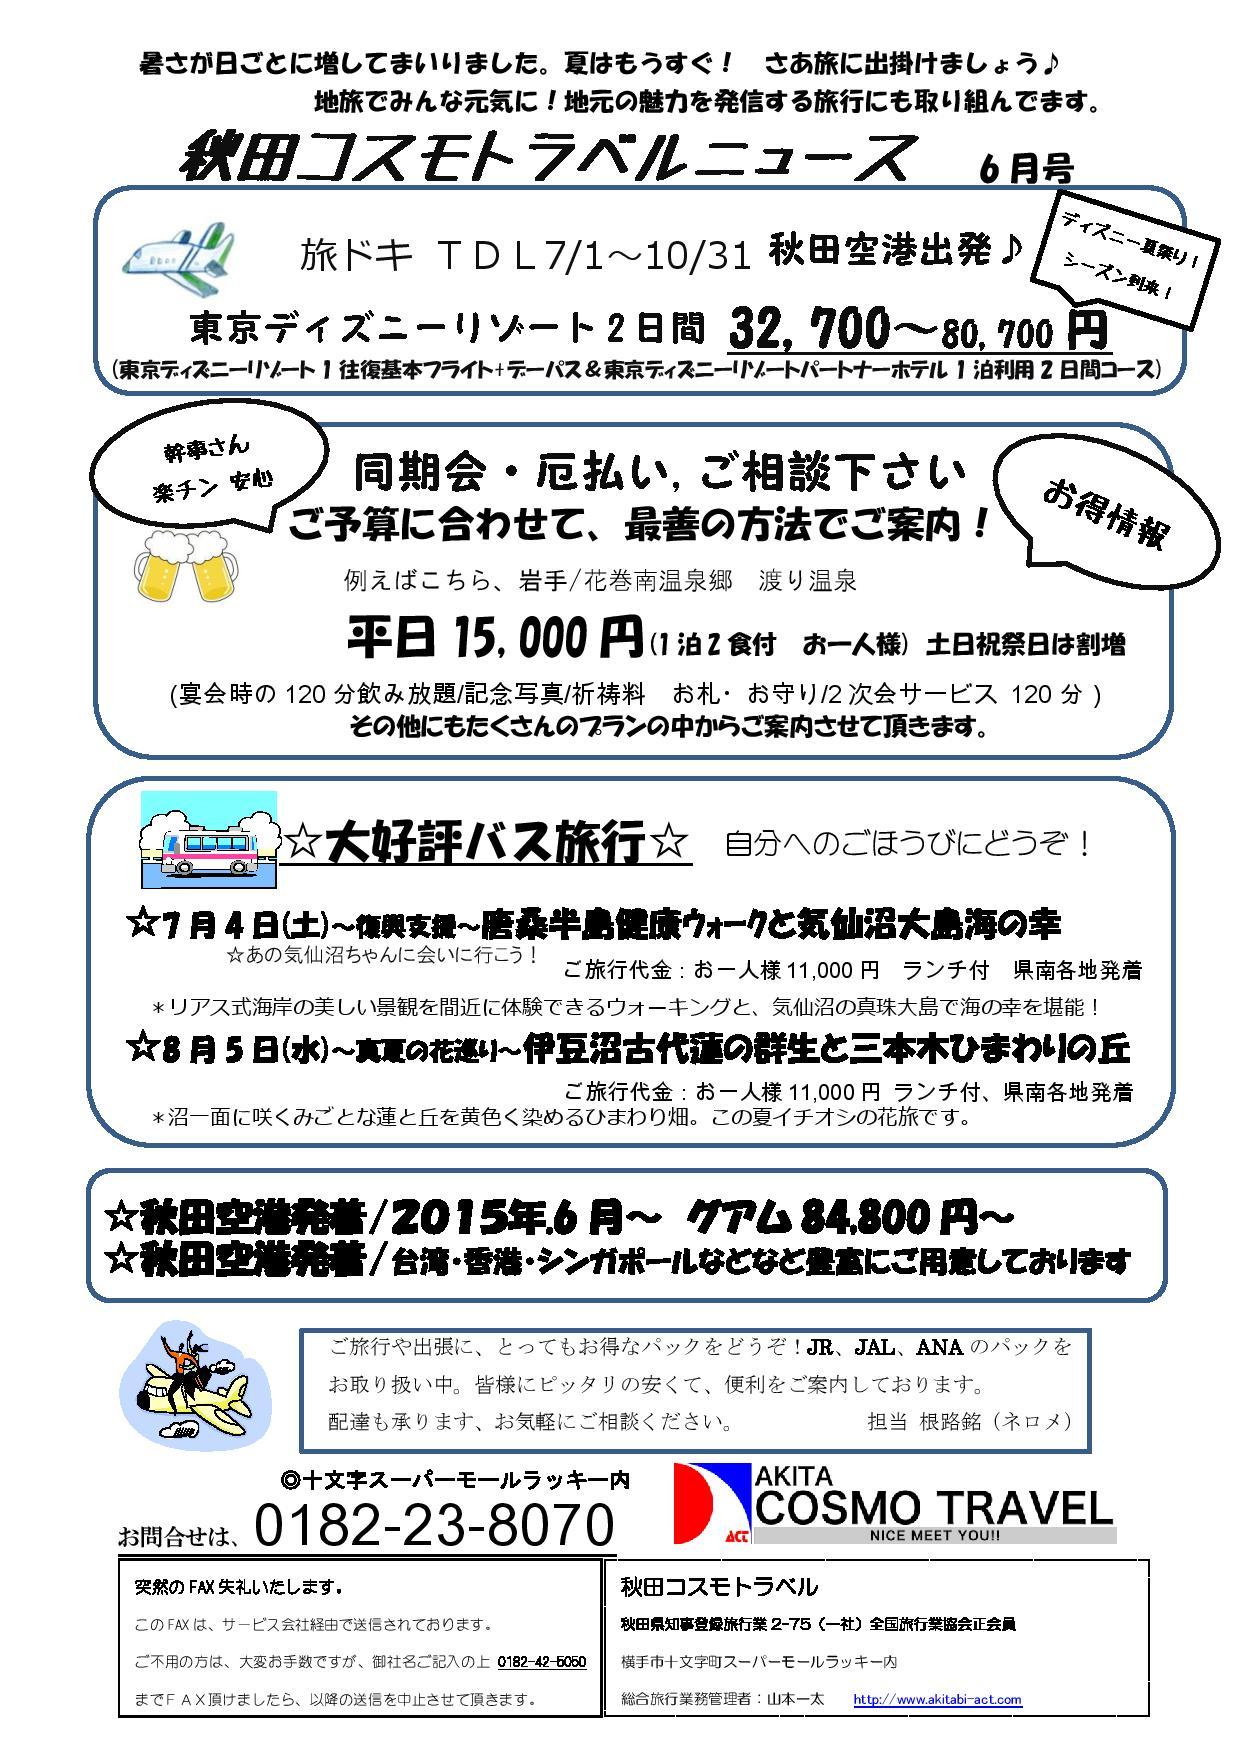 秋田コスモトラベルニュース6月号